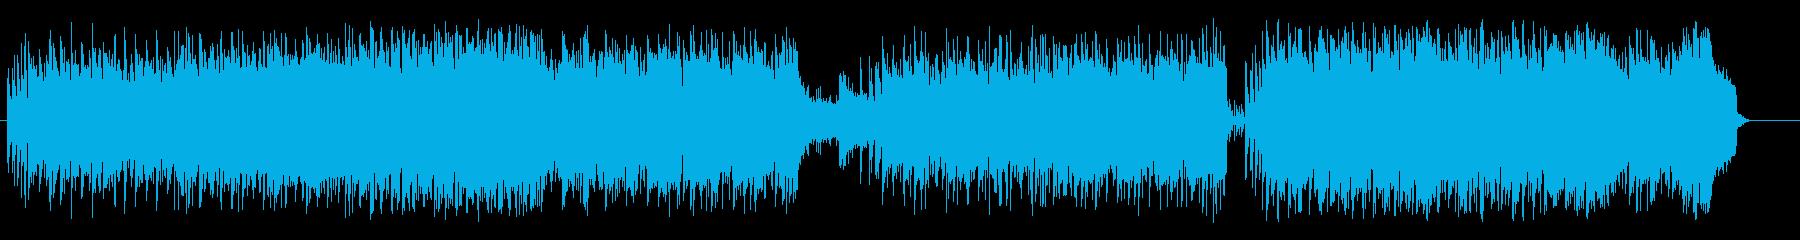 当たりさわりのないイージーポップロックの再生済みの波形